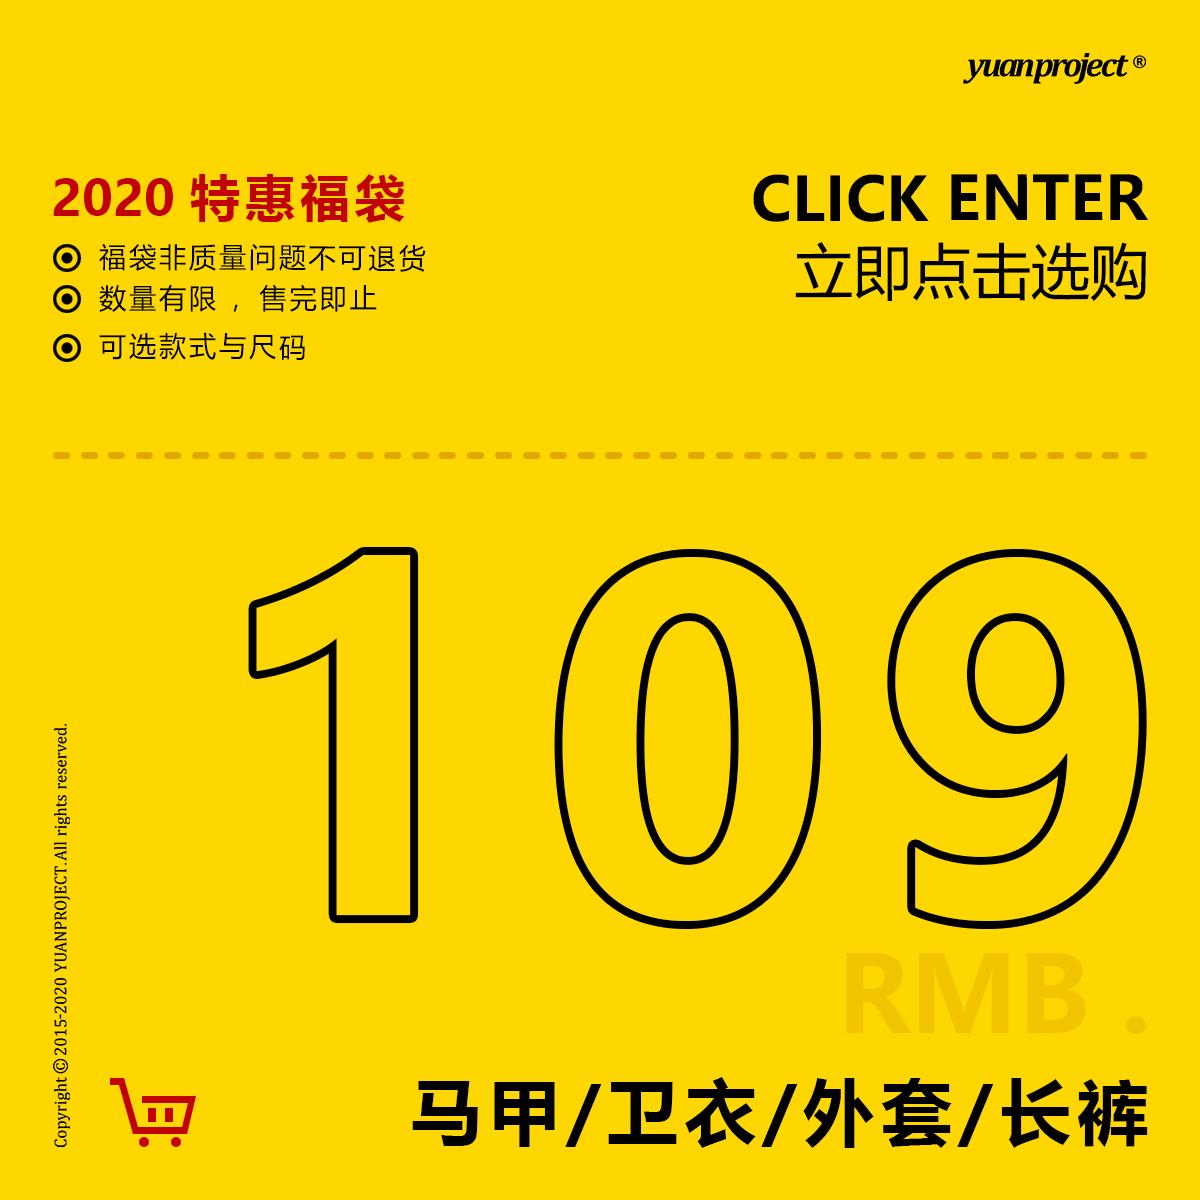 YUANPROJECT 2020特惠109福袋(福袋产品不可退货 )